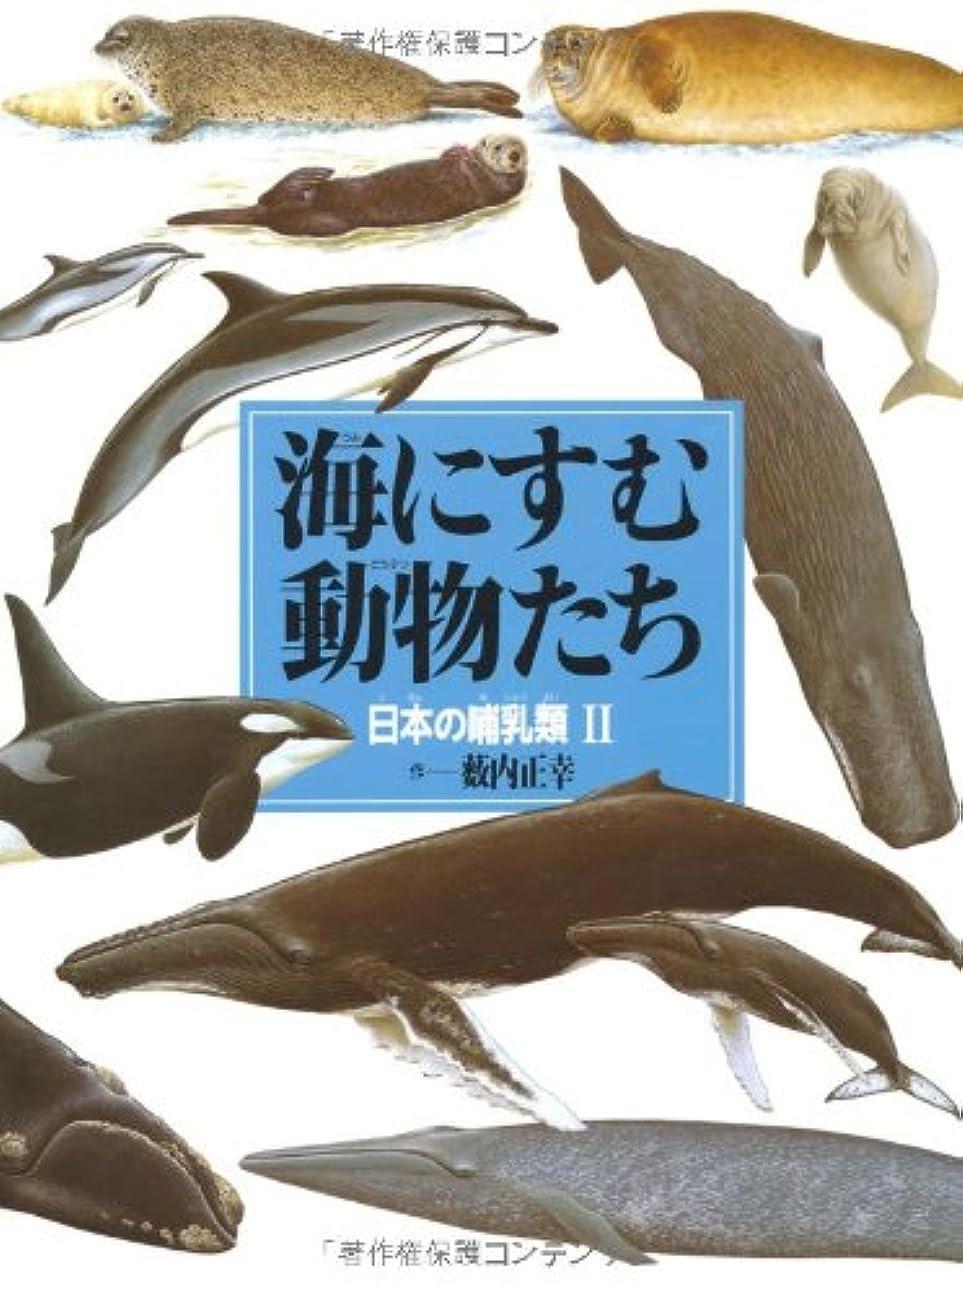 疑わしい万歳道を作る絵本図鑑シリーズ (15) 海にすむ動物たち 日本の哺乳類II